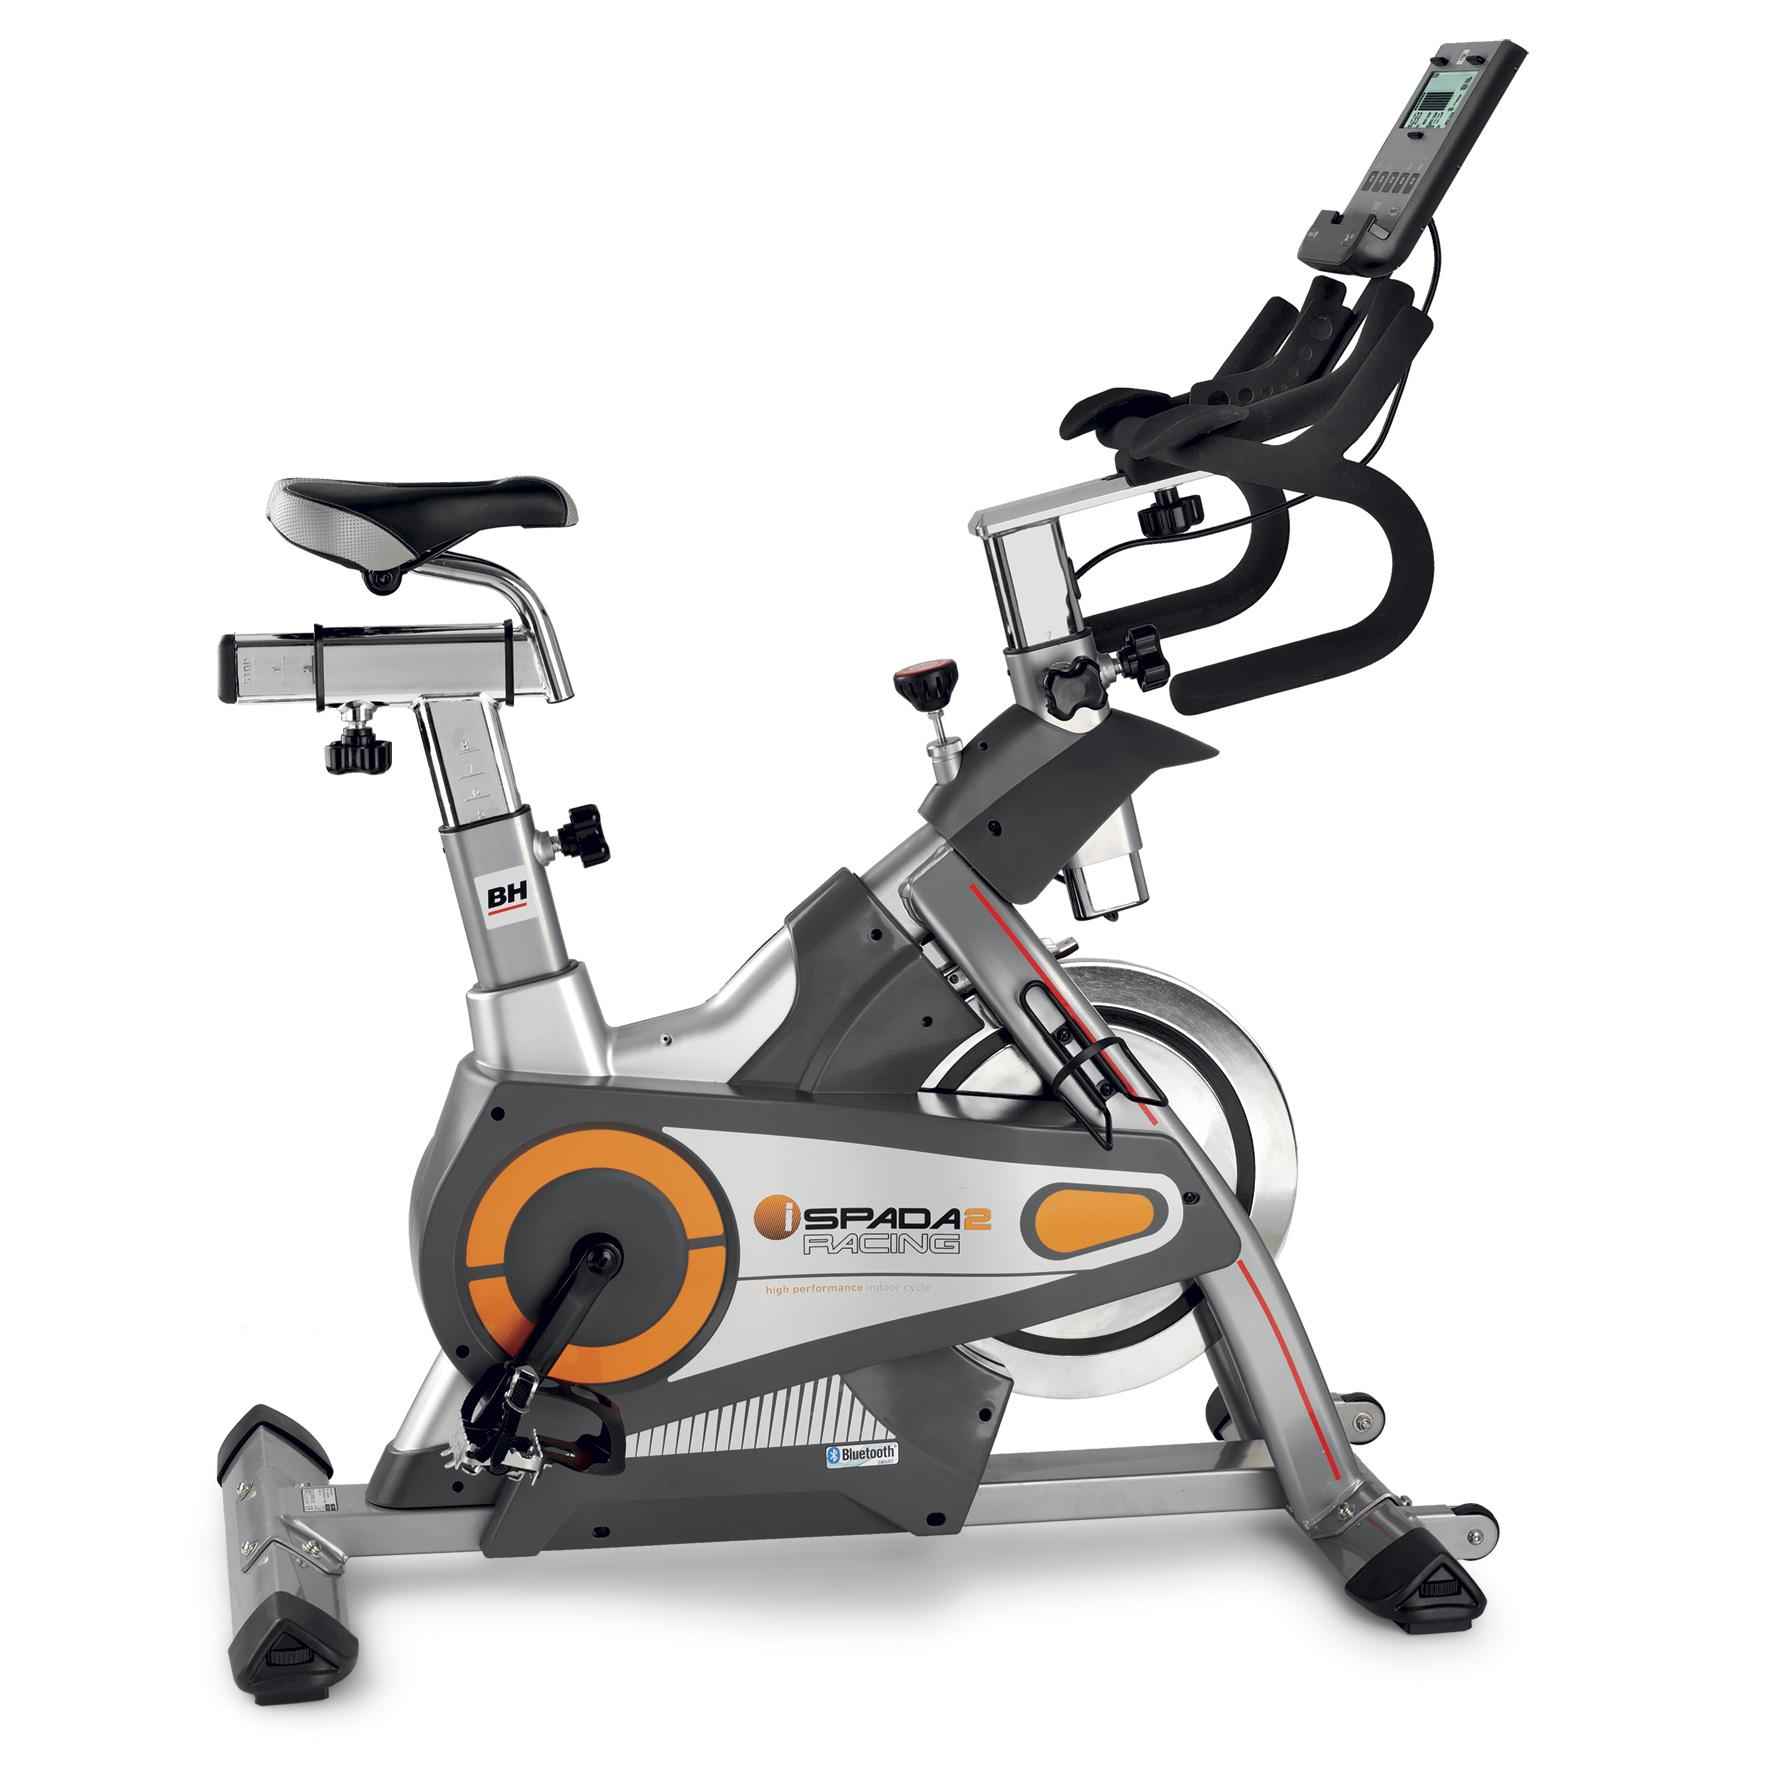 Bh fitness I Spada II Racing